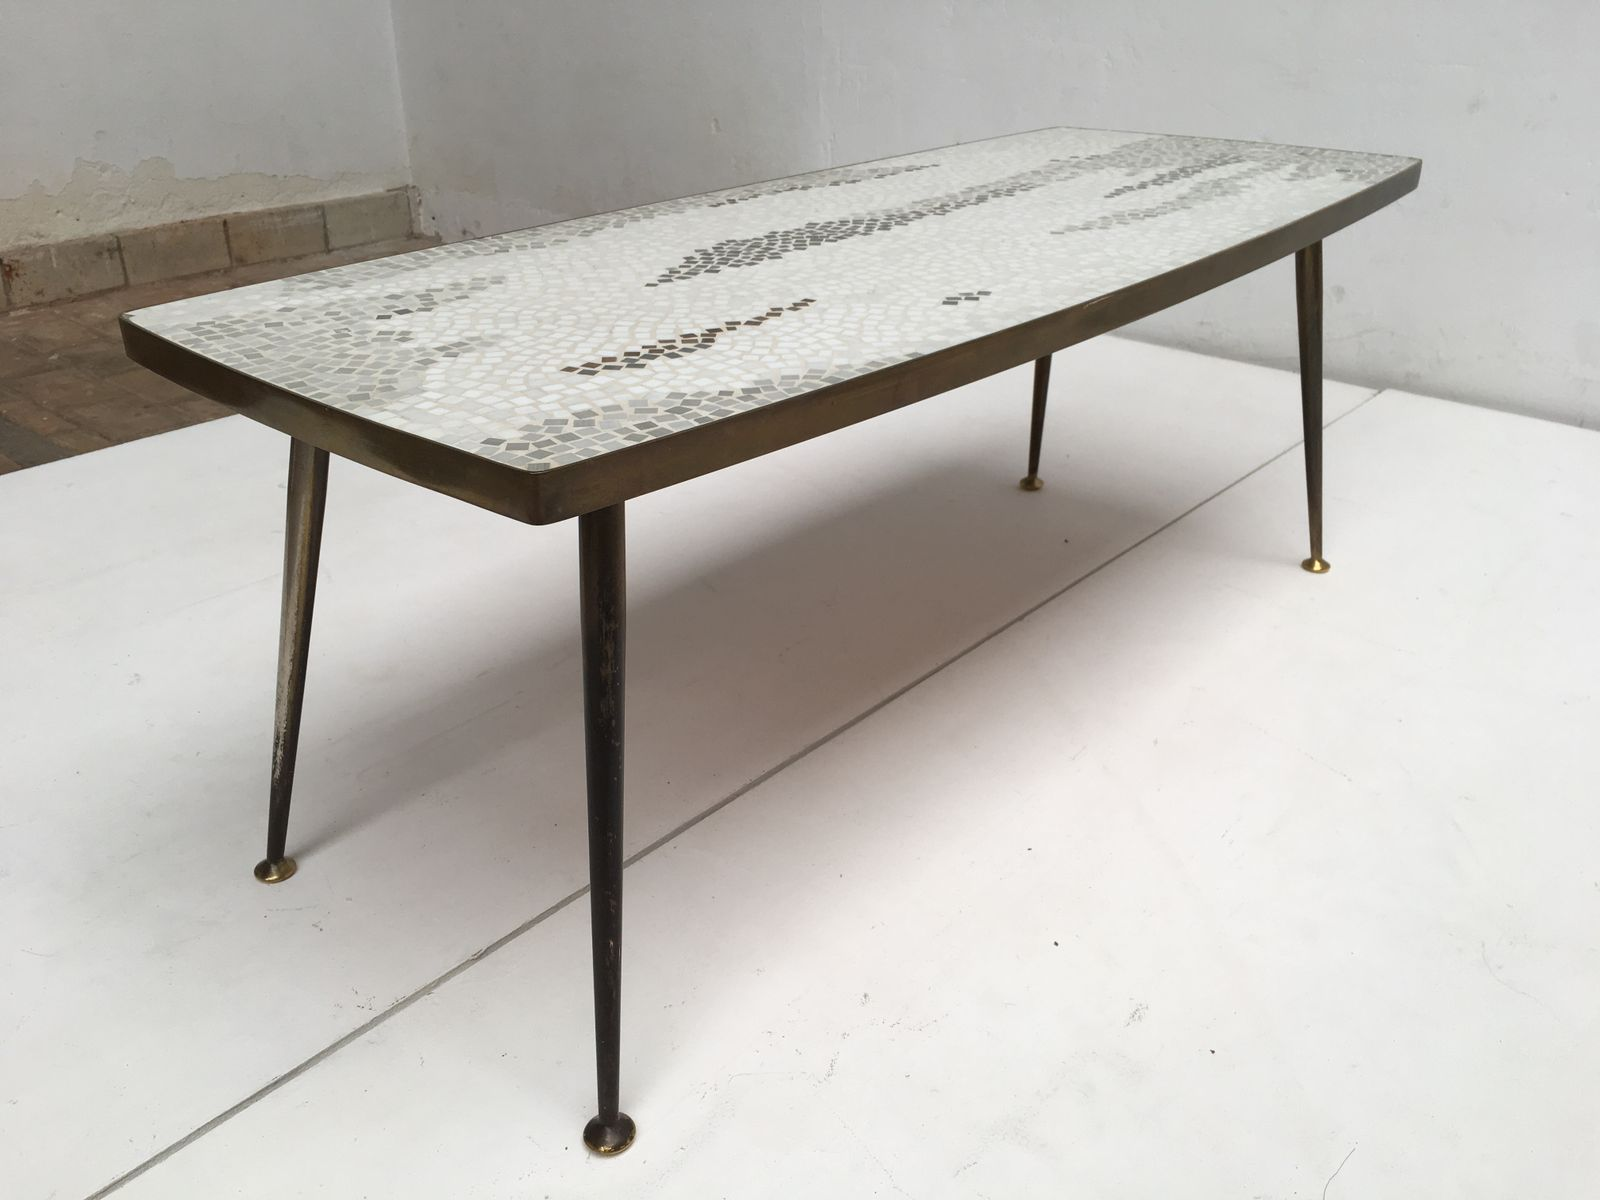 deutscher couchtisch aus messing mosaik 1950er bei. Black Bedroom Furniture Sets. Home Design Ideas